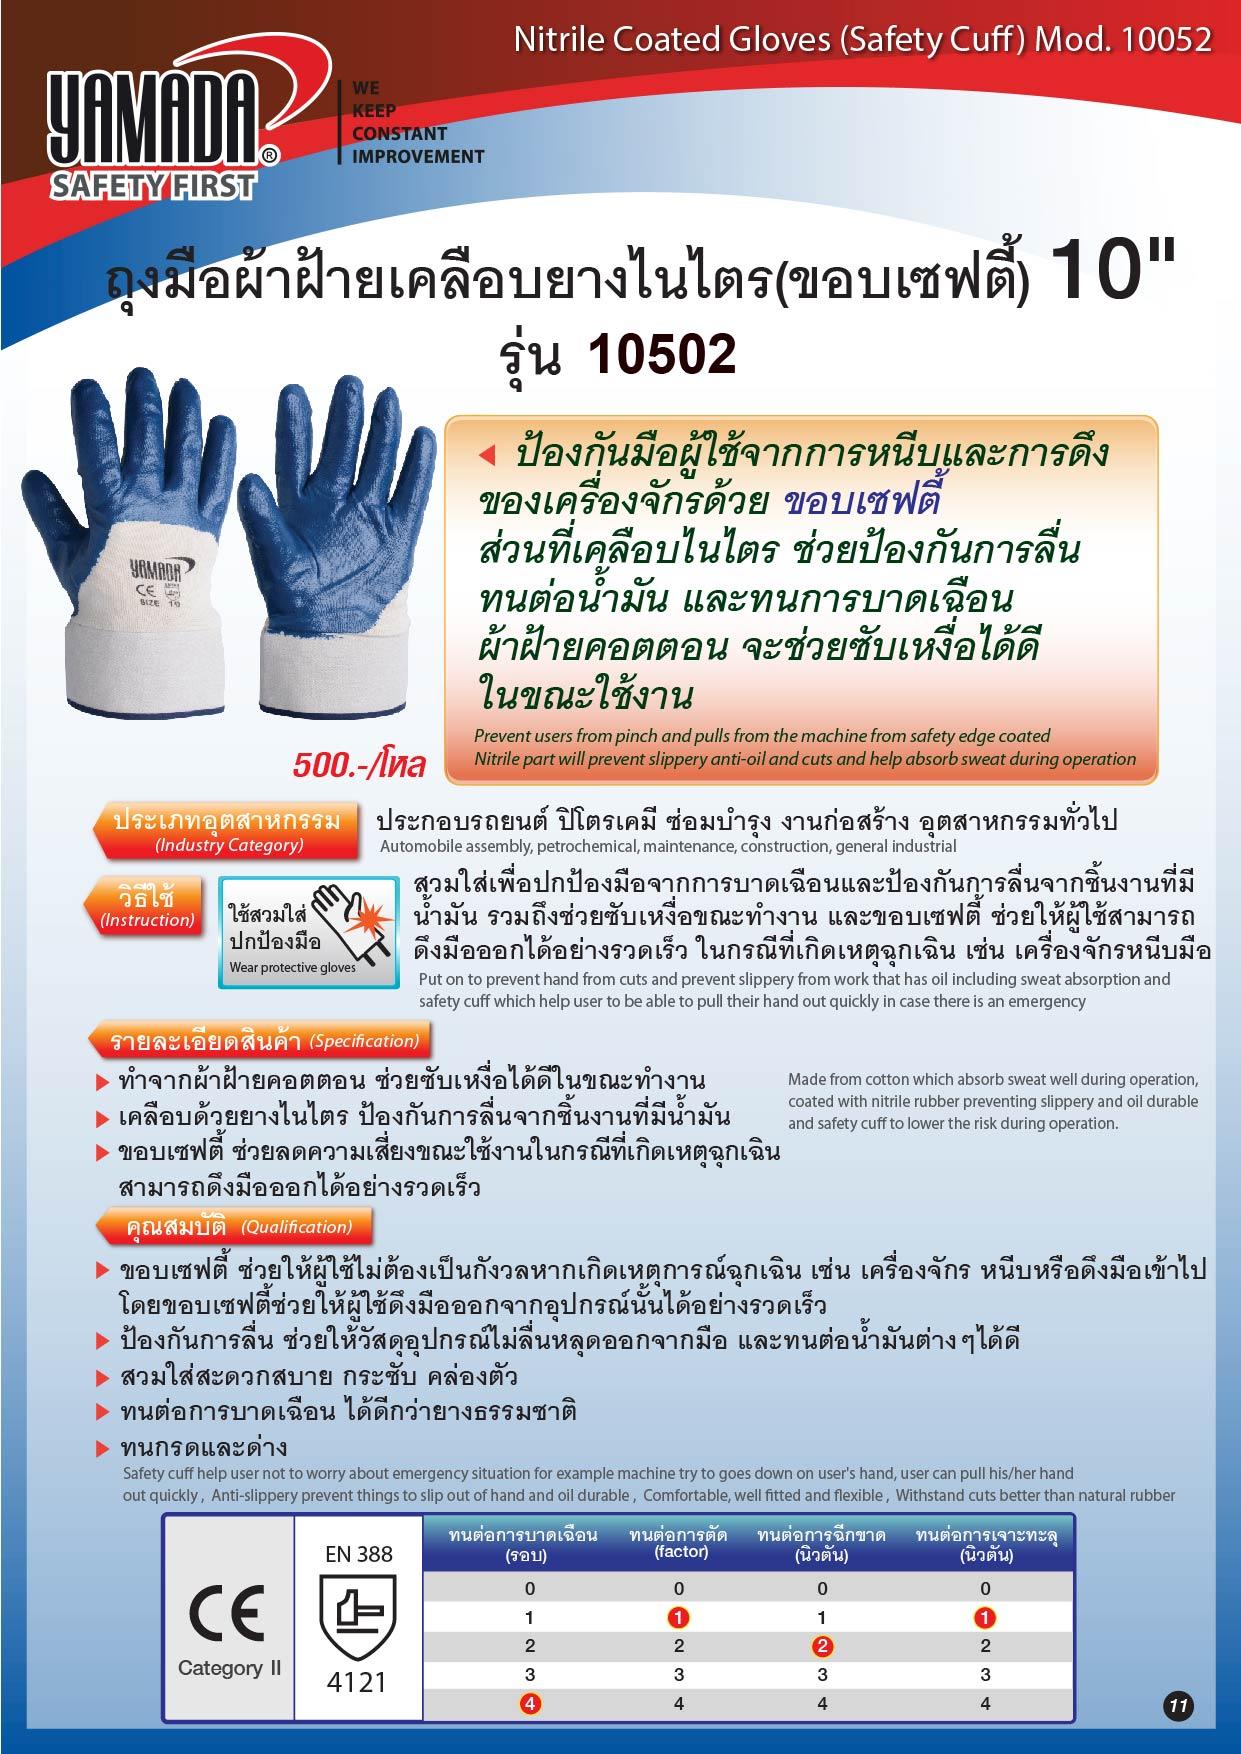 (12/26) ถุงมือผ้าฝ้ายเคลือบยางไนไตร